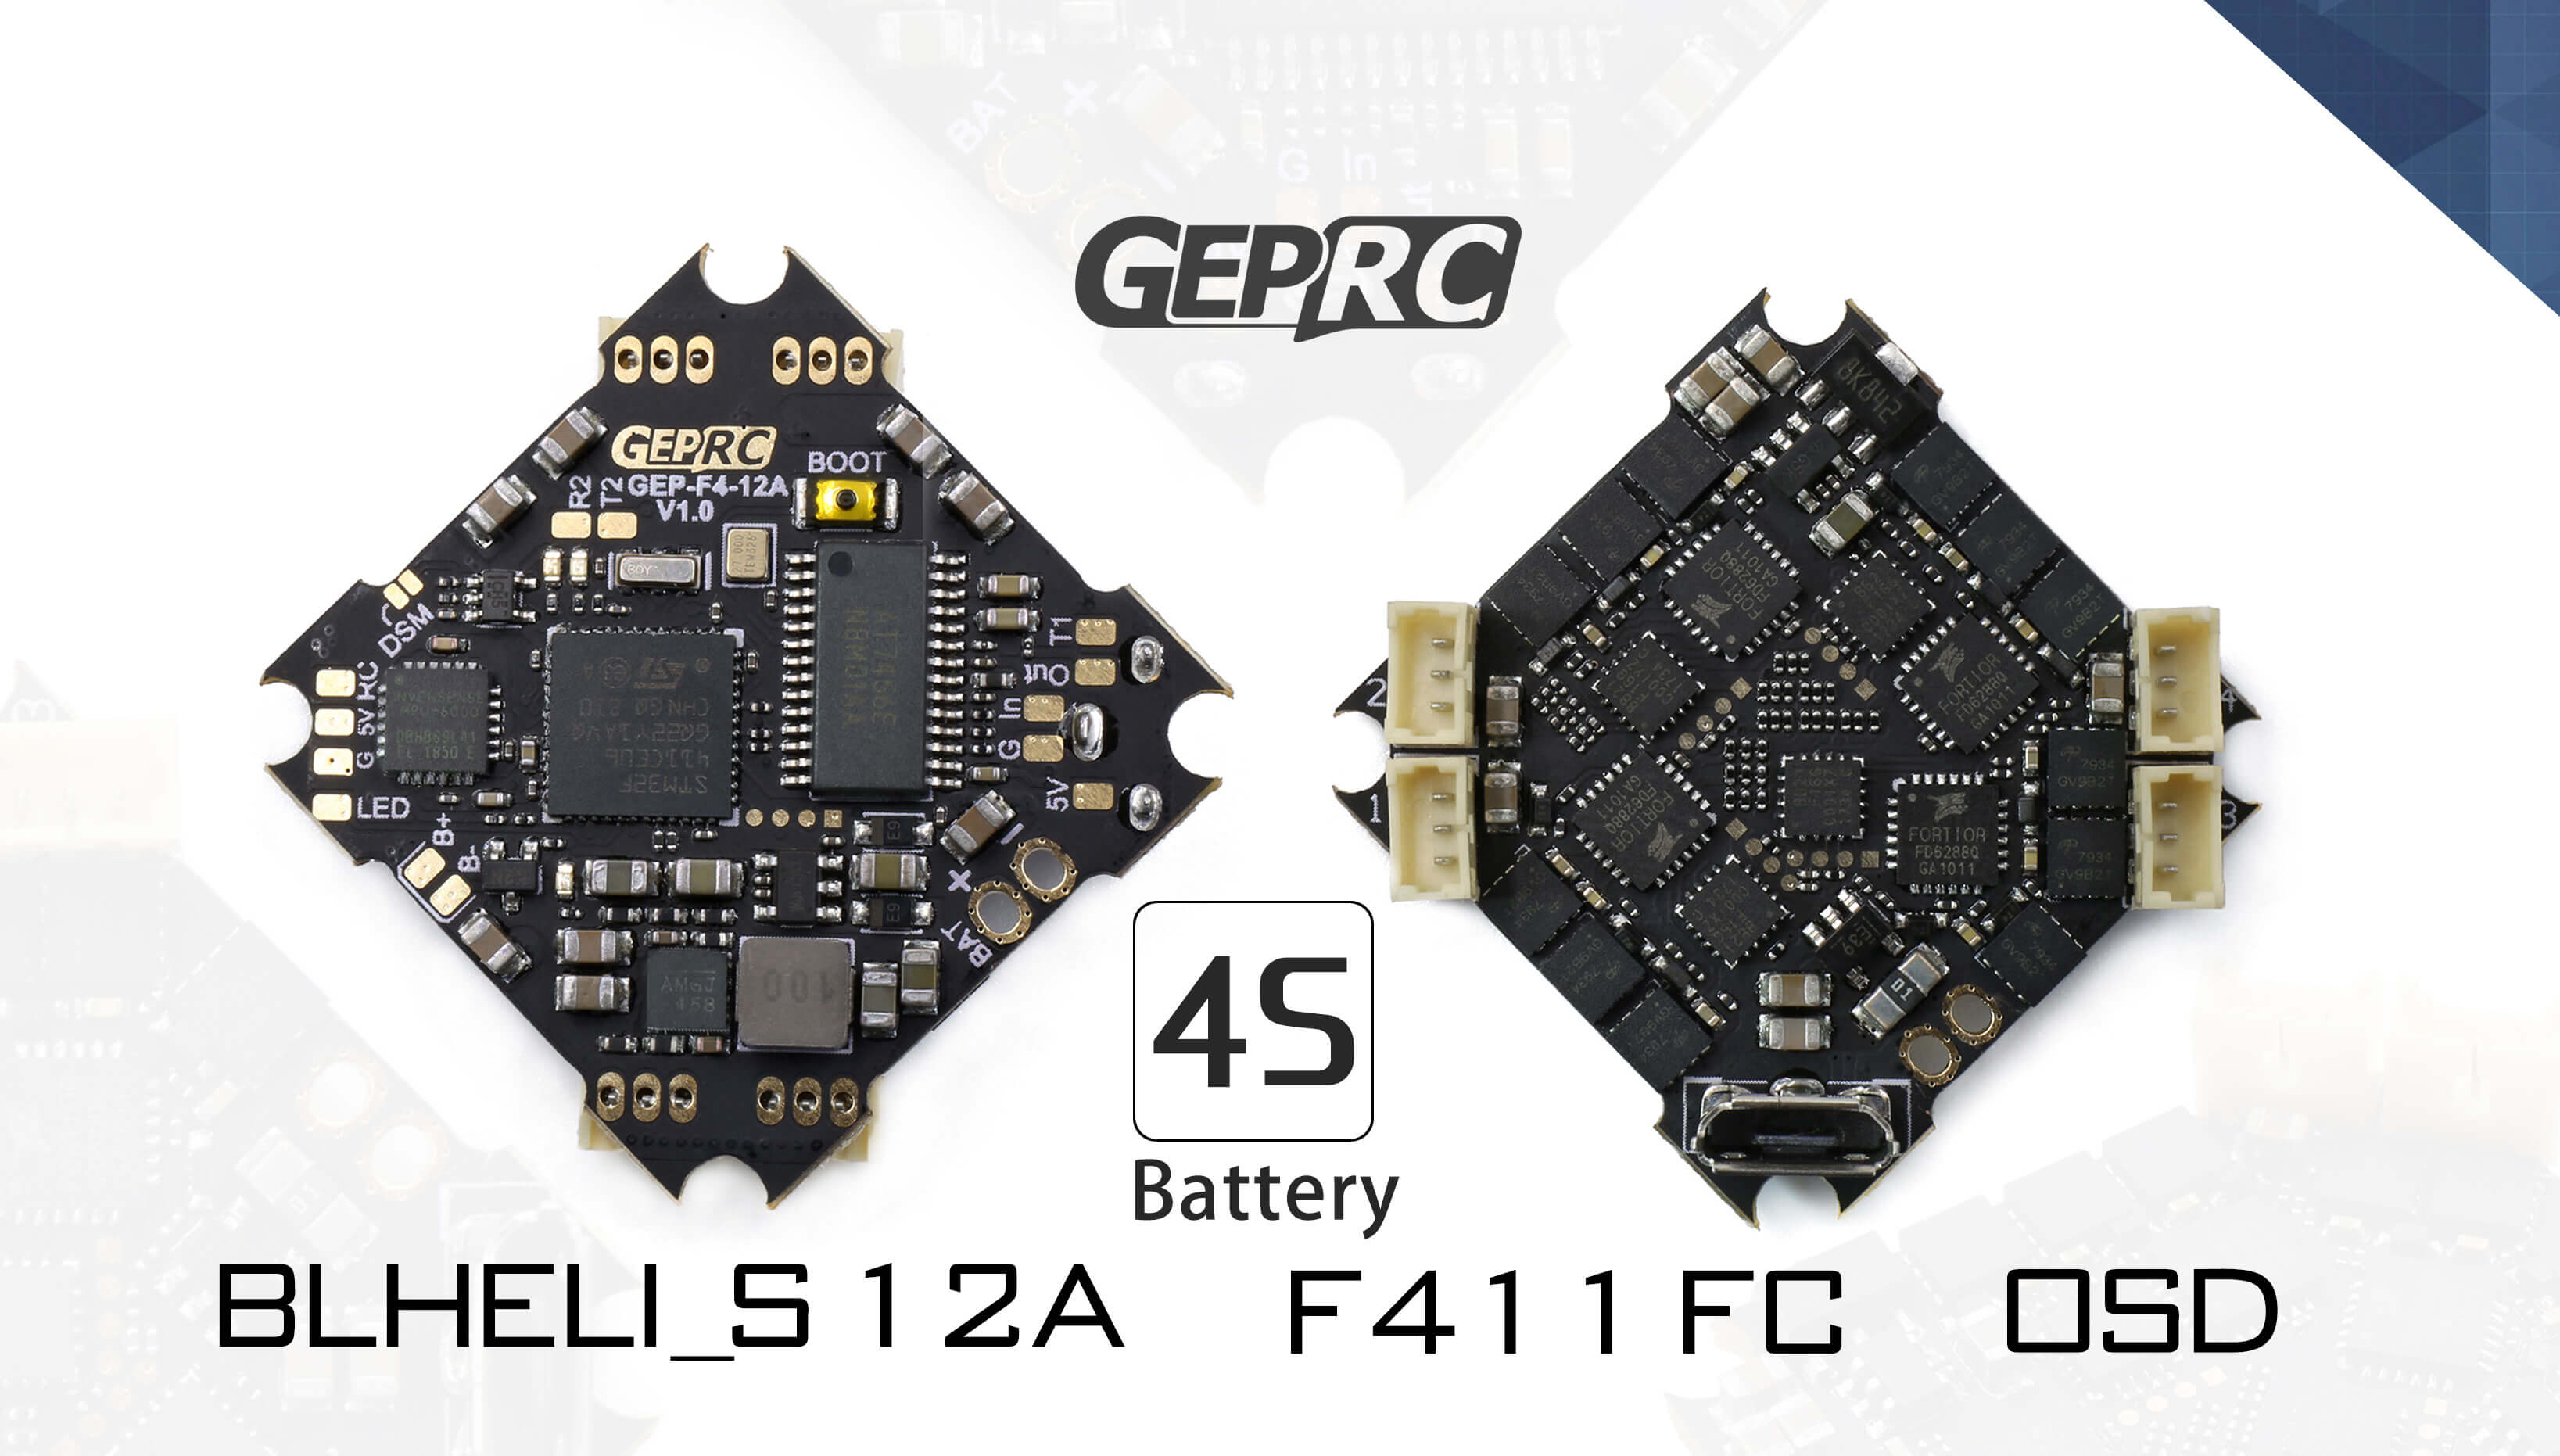 Kontroler lotu zdolny do obsługi baterii 4s, posiada wbudowane ESC zdolne wytrzymać prąd ciągły 12A